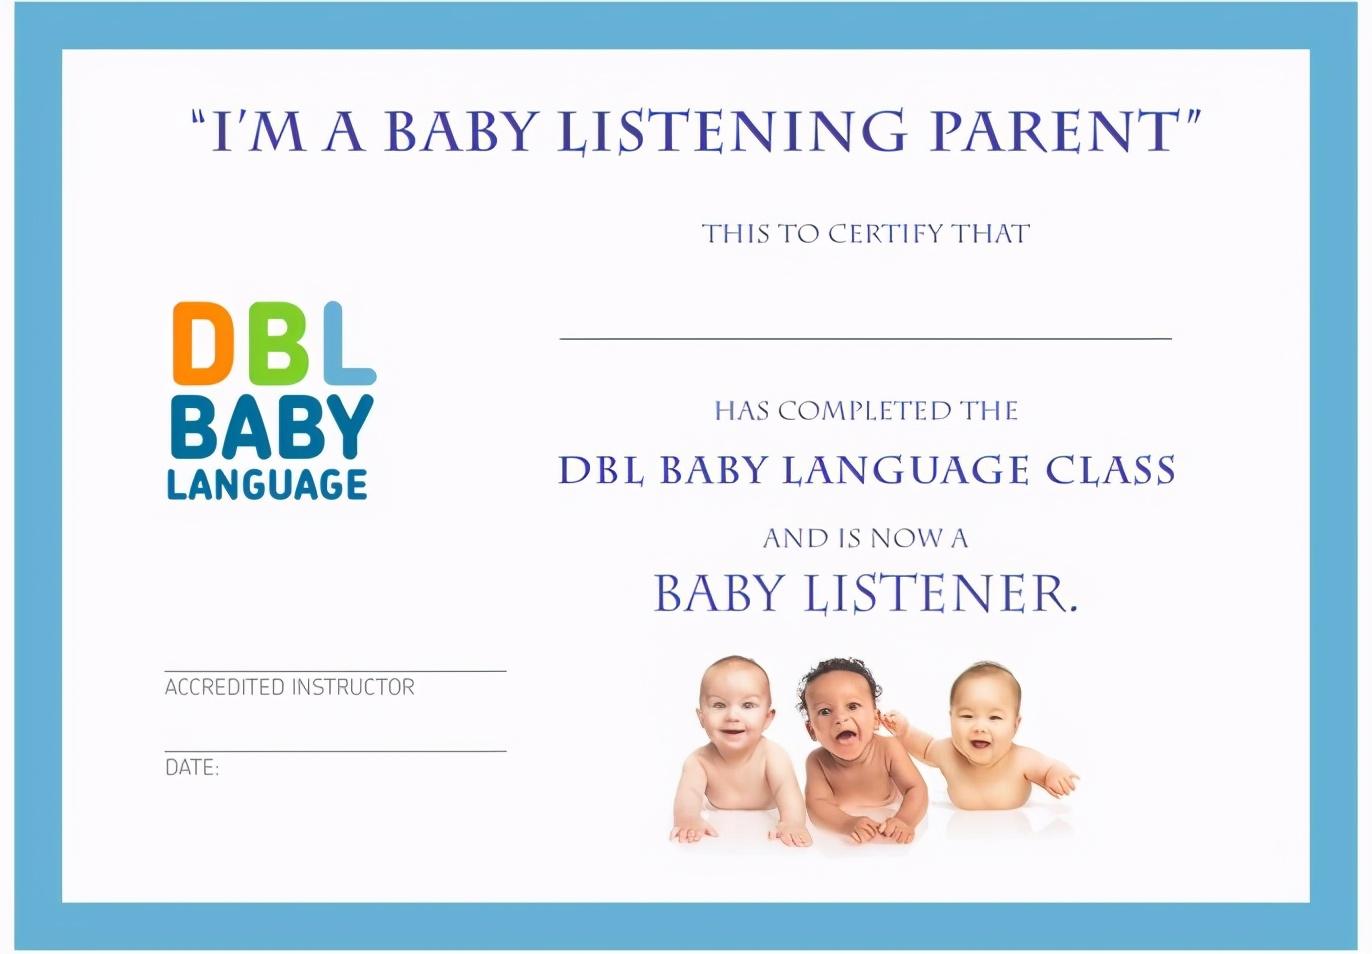 邓斯坦婴儿语言开课啦